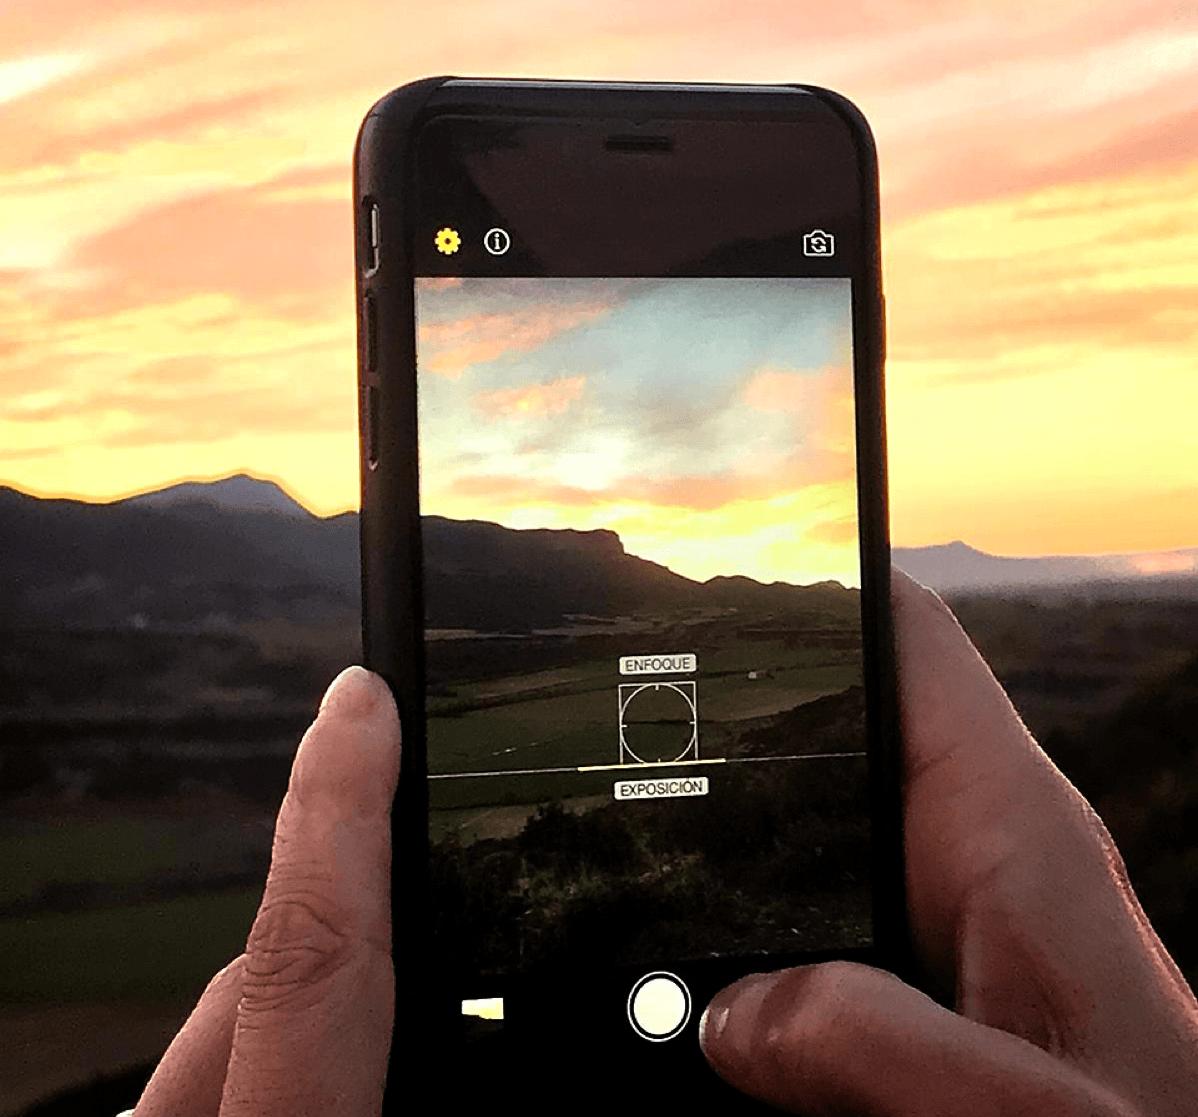 ¿Porqué Instagram para tu negocio? - Sergio Lope